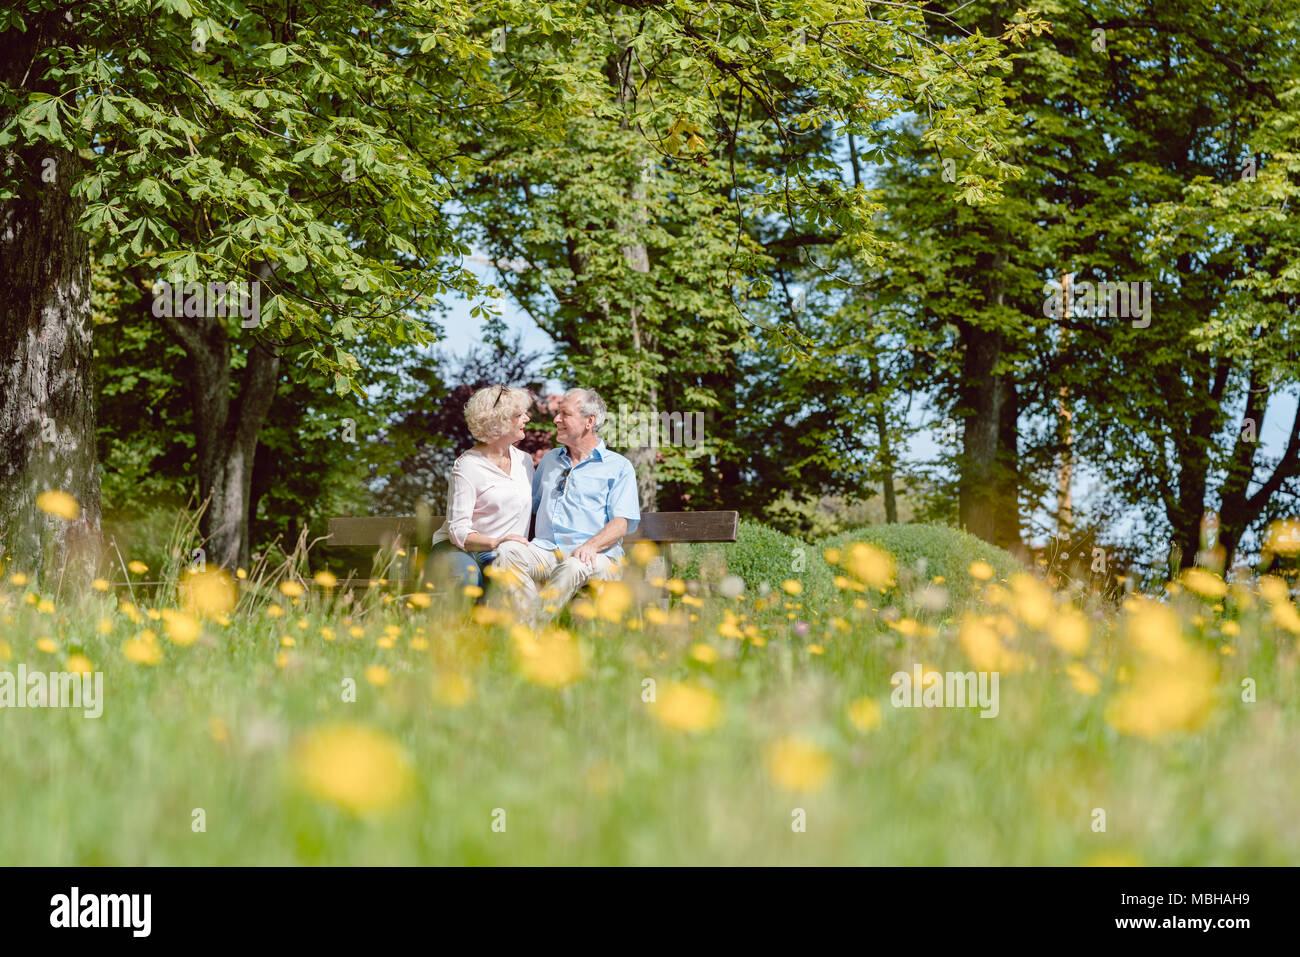 Romantico coppia senior in love dating all'aperto in un parco idilliaco Immagini Stock